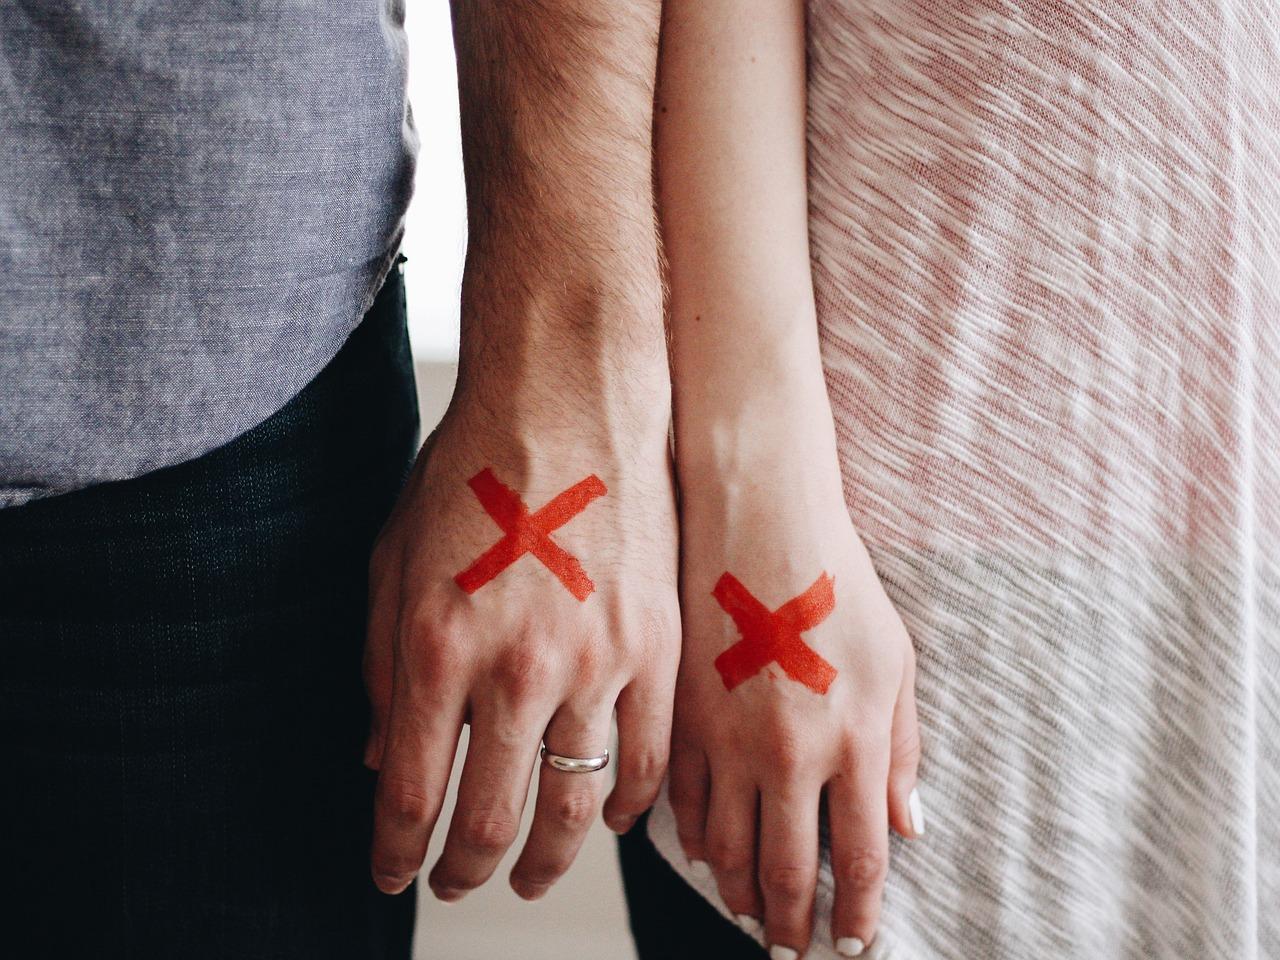 Scheidung einreichen: Wie kann ich einen Scheidungsantrag stellen? - BERATUNG.DE